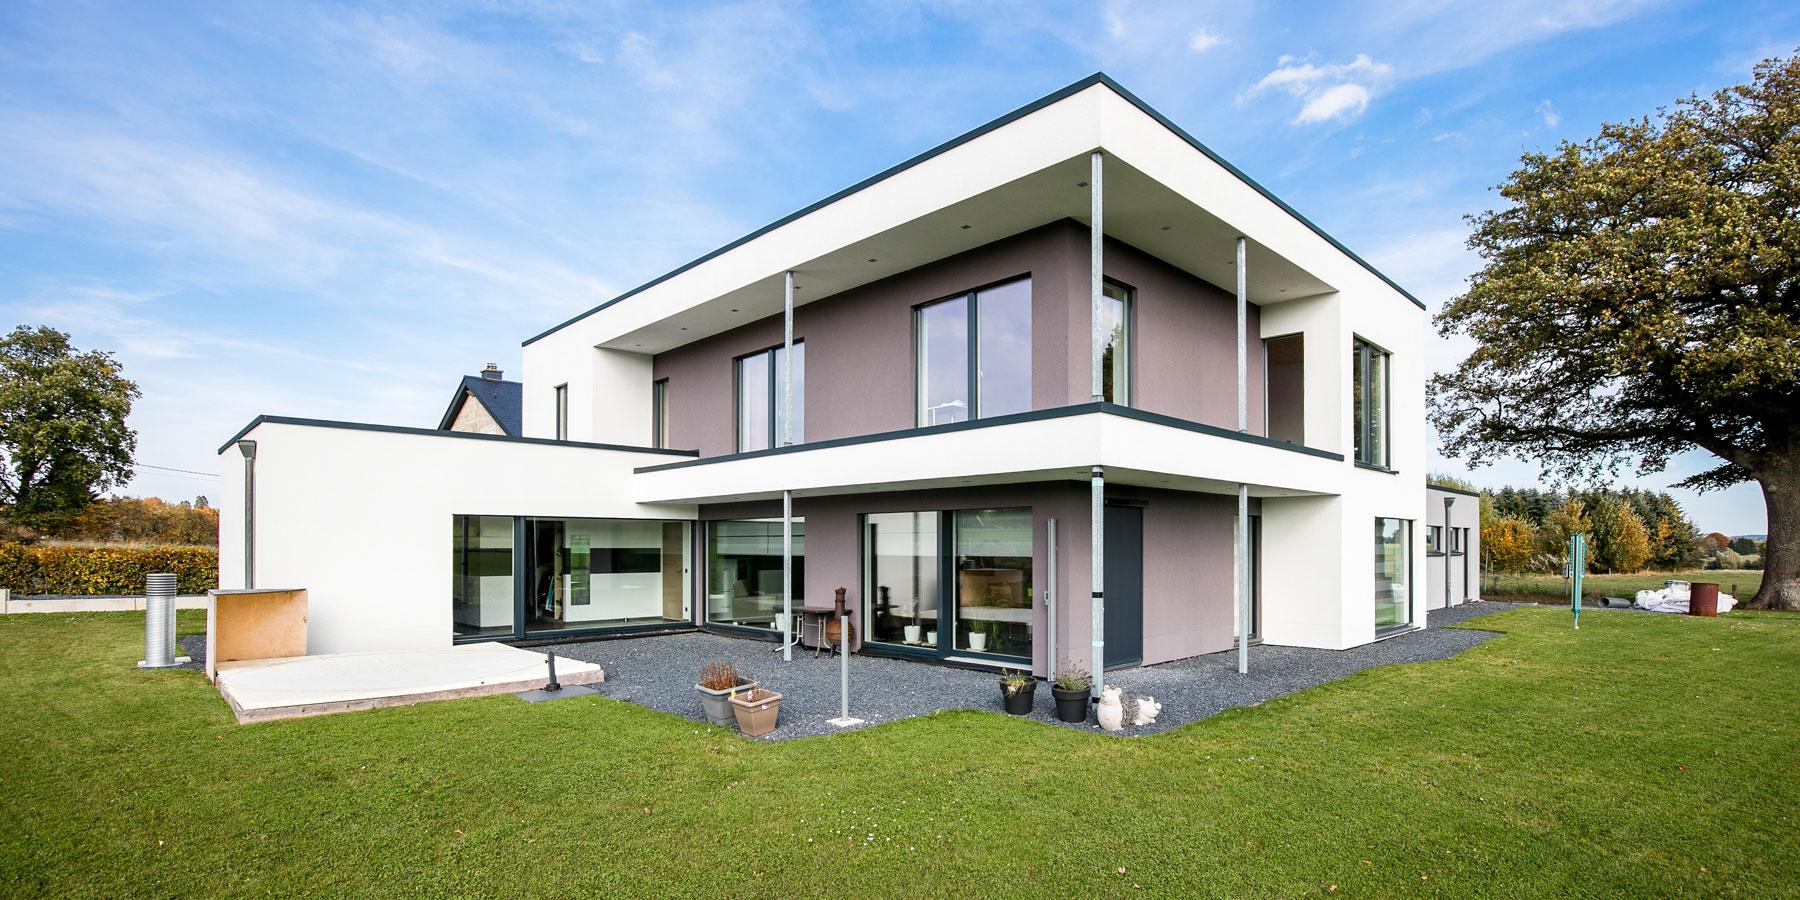 Architektur mit Kaufmann Bau: Wir planen Ihr Haus